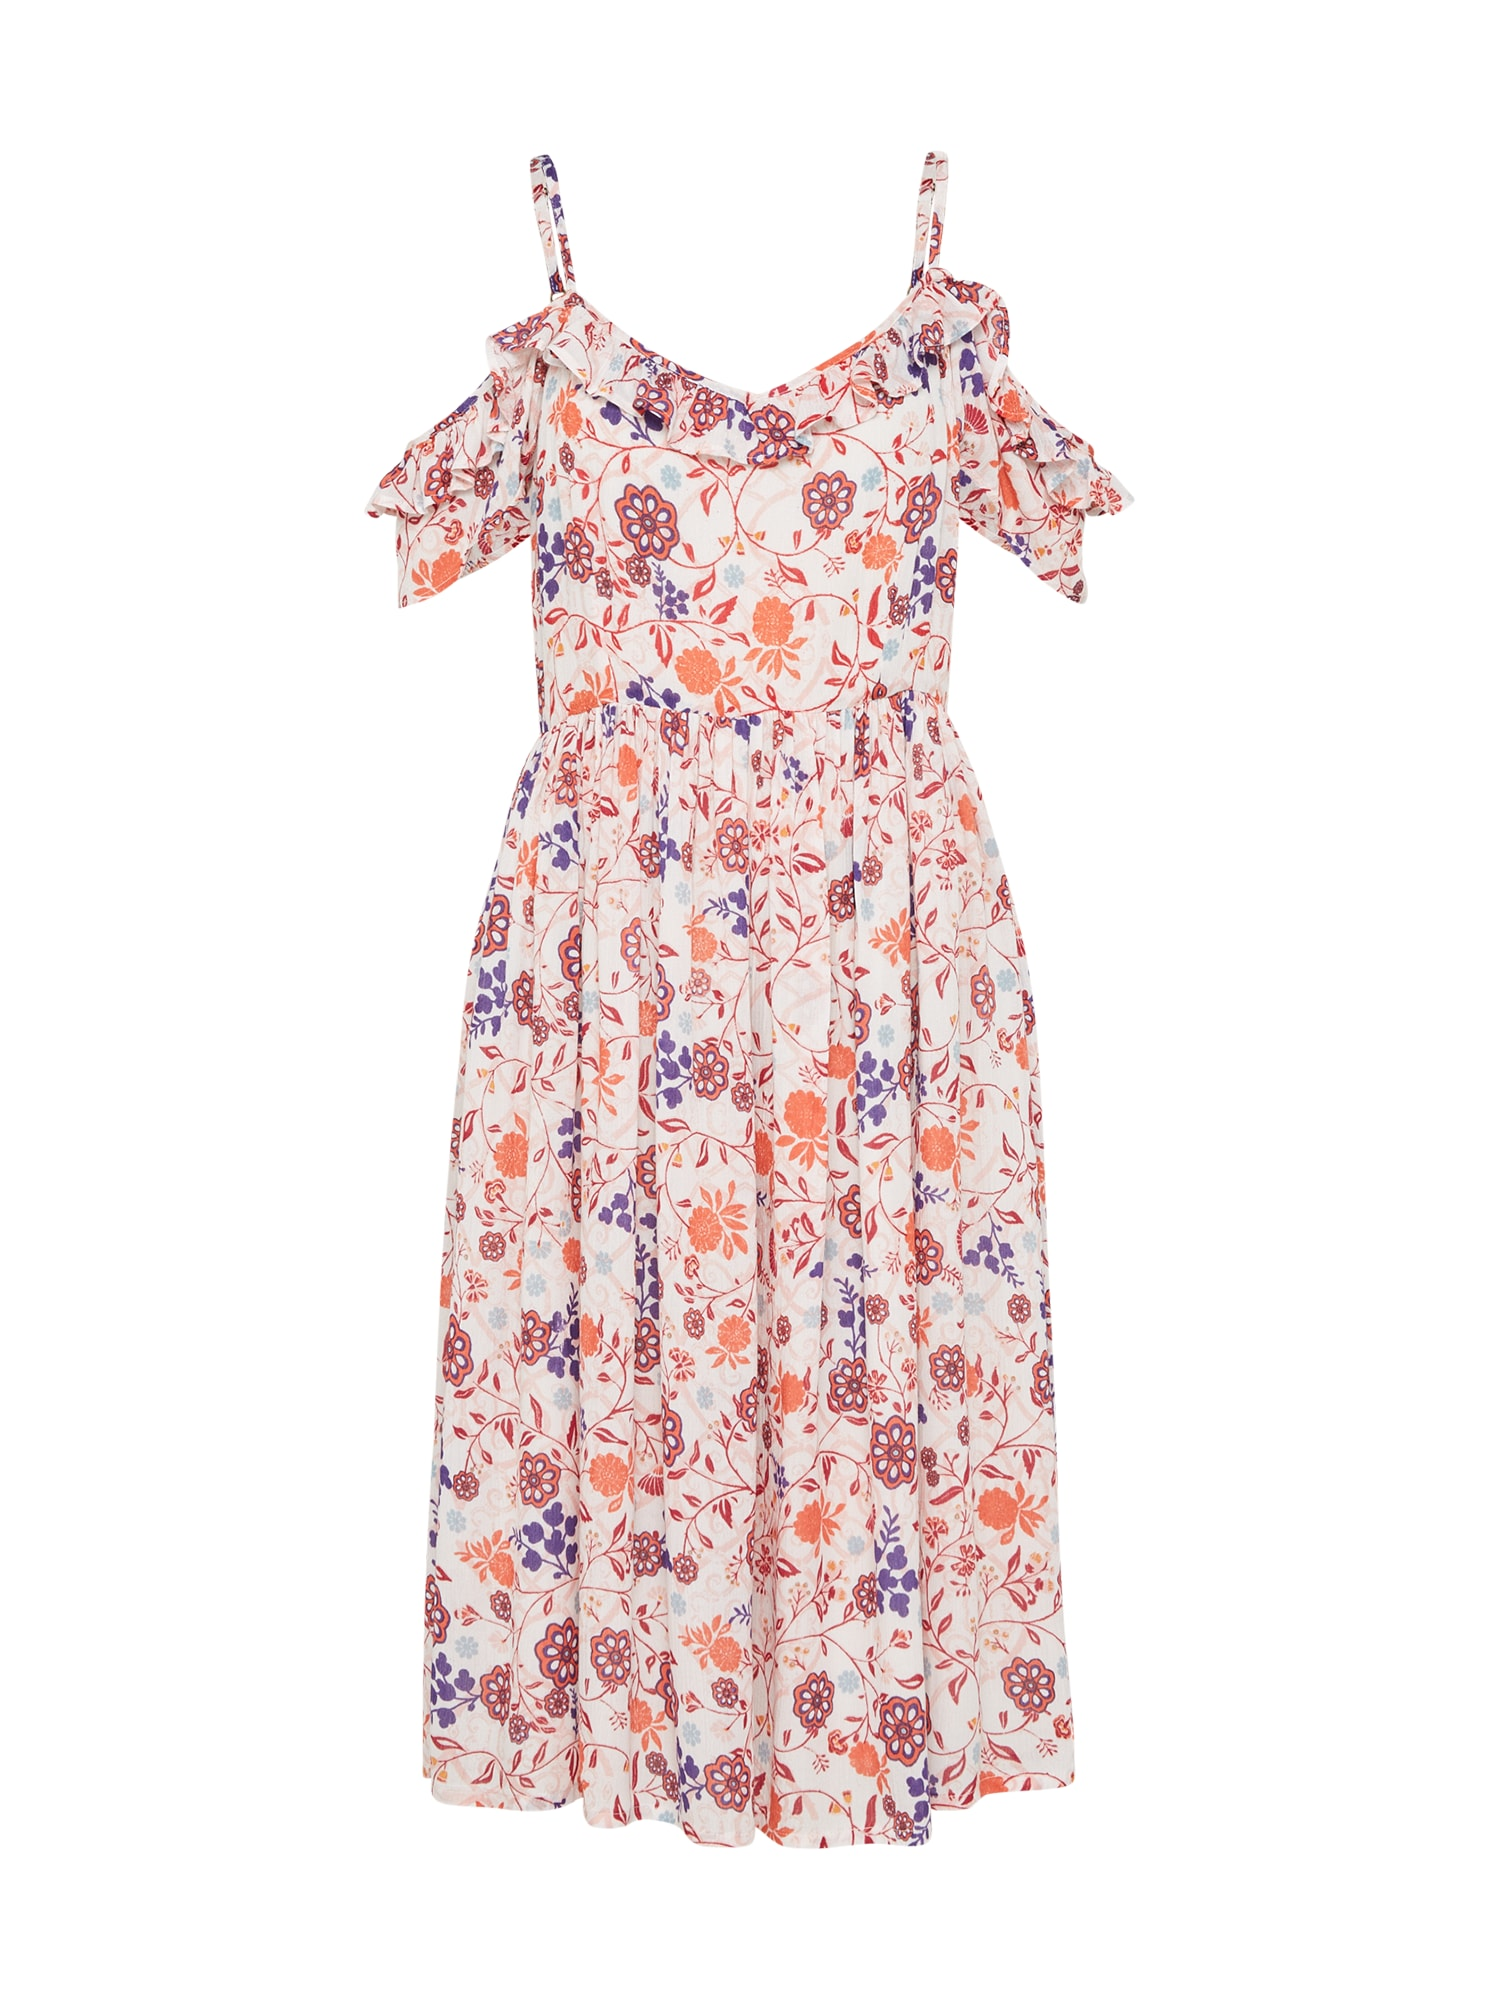 Letní šaty SWIRL LACE COLD SHOULDER krémová oranžová vínově červená Yumi